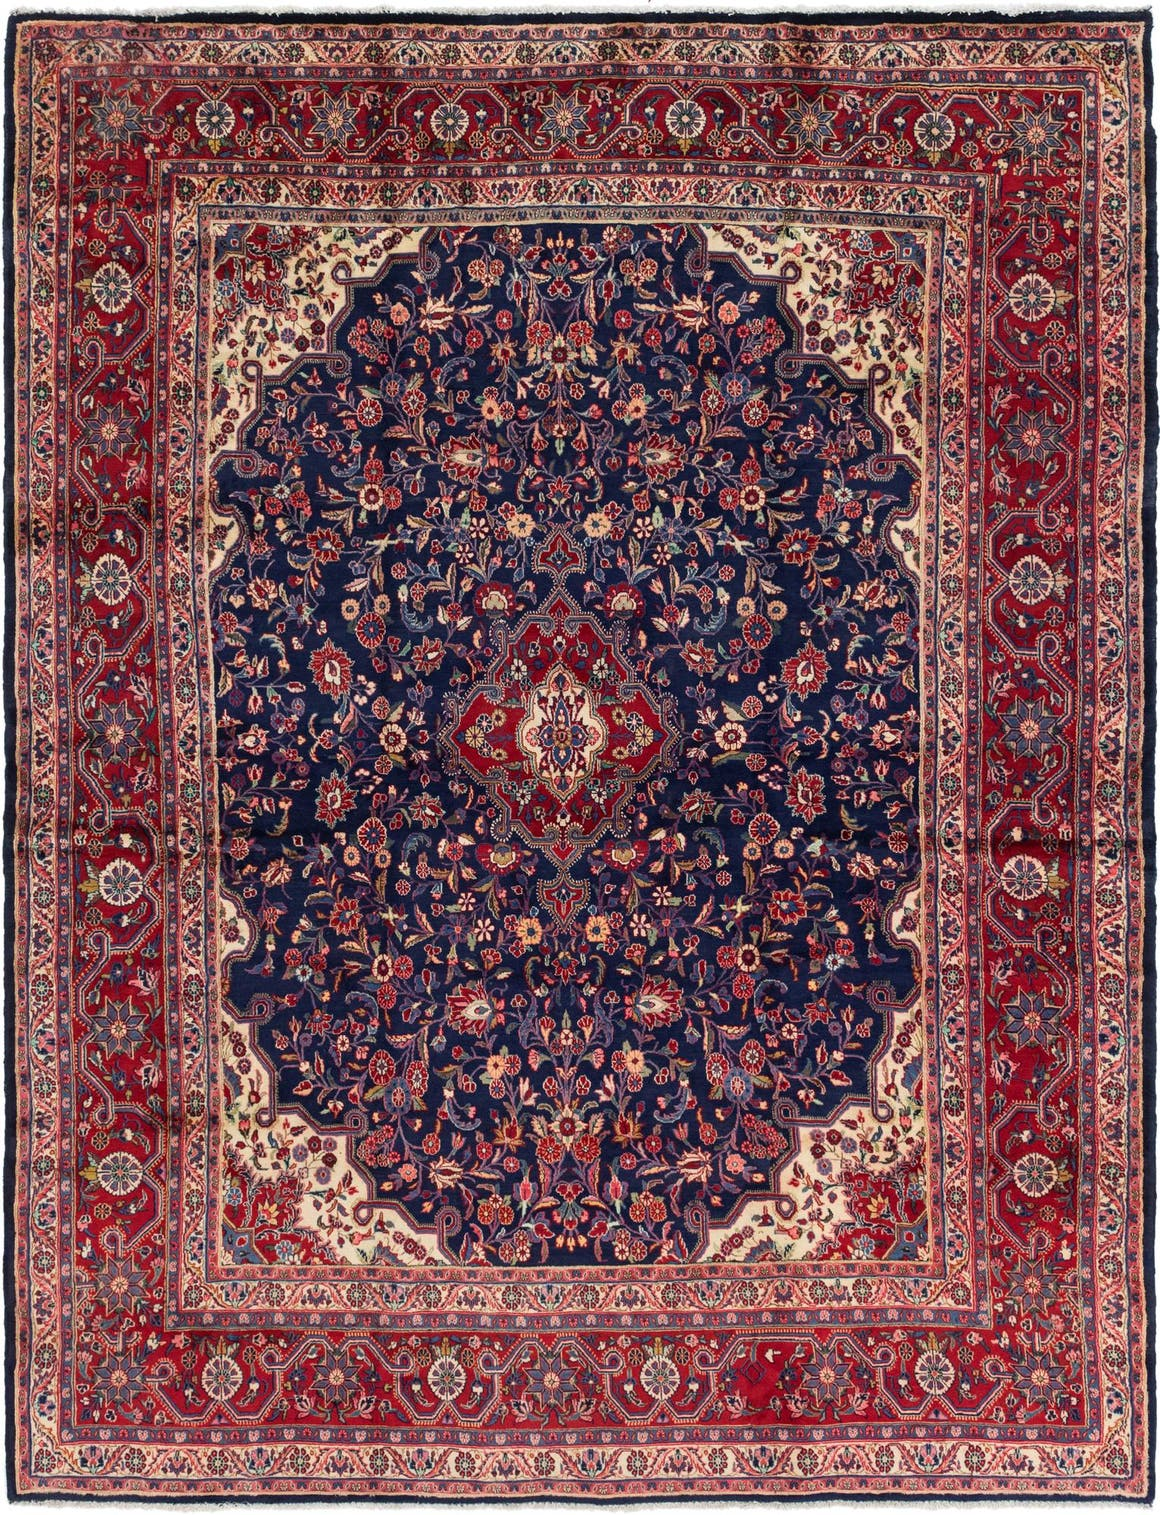 9' x 12' Shahrbaft Persian Rug main image